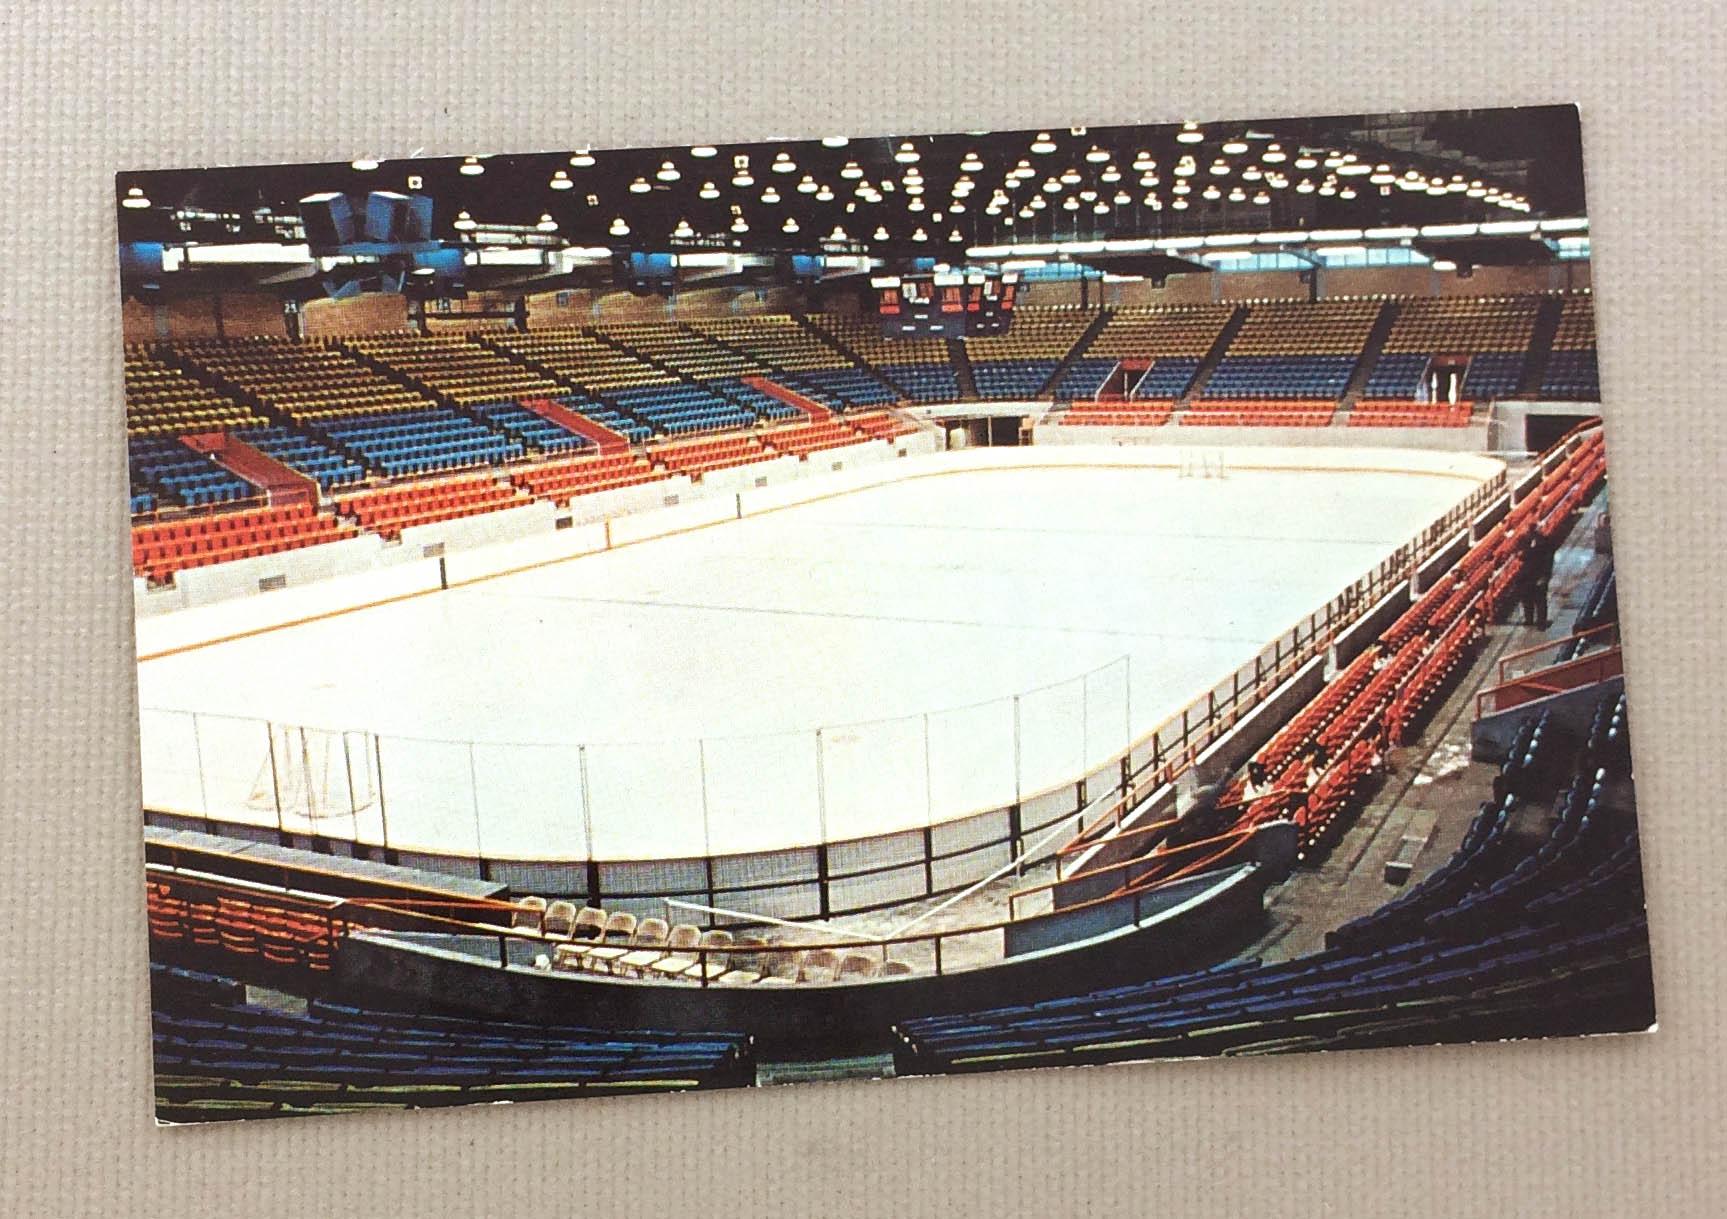 Greensboro War Memorial Coliseum